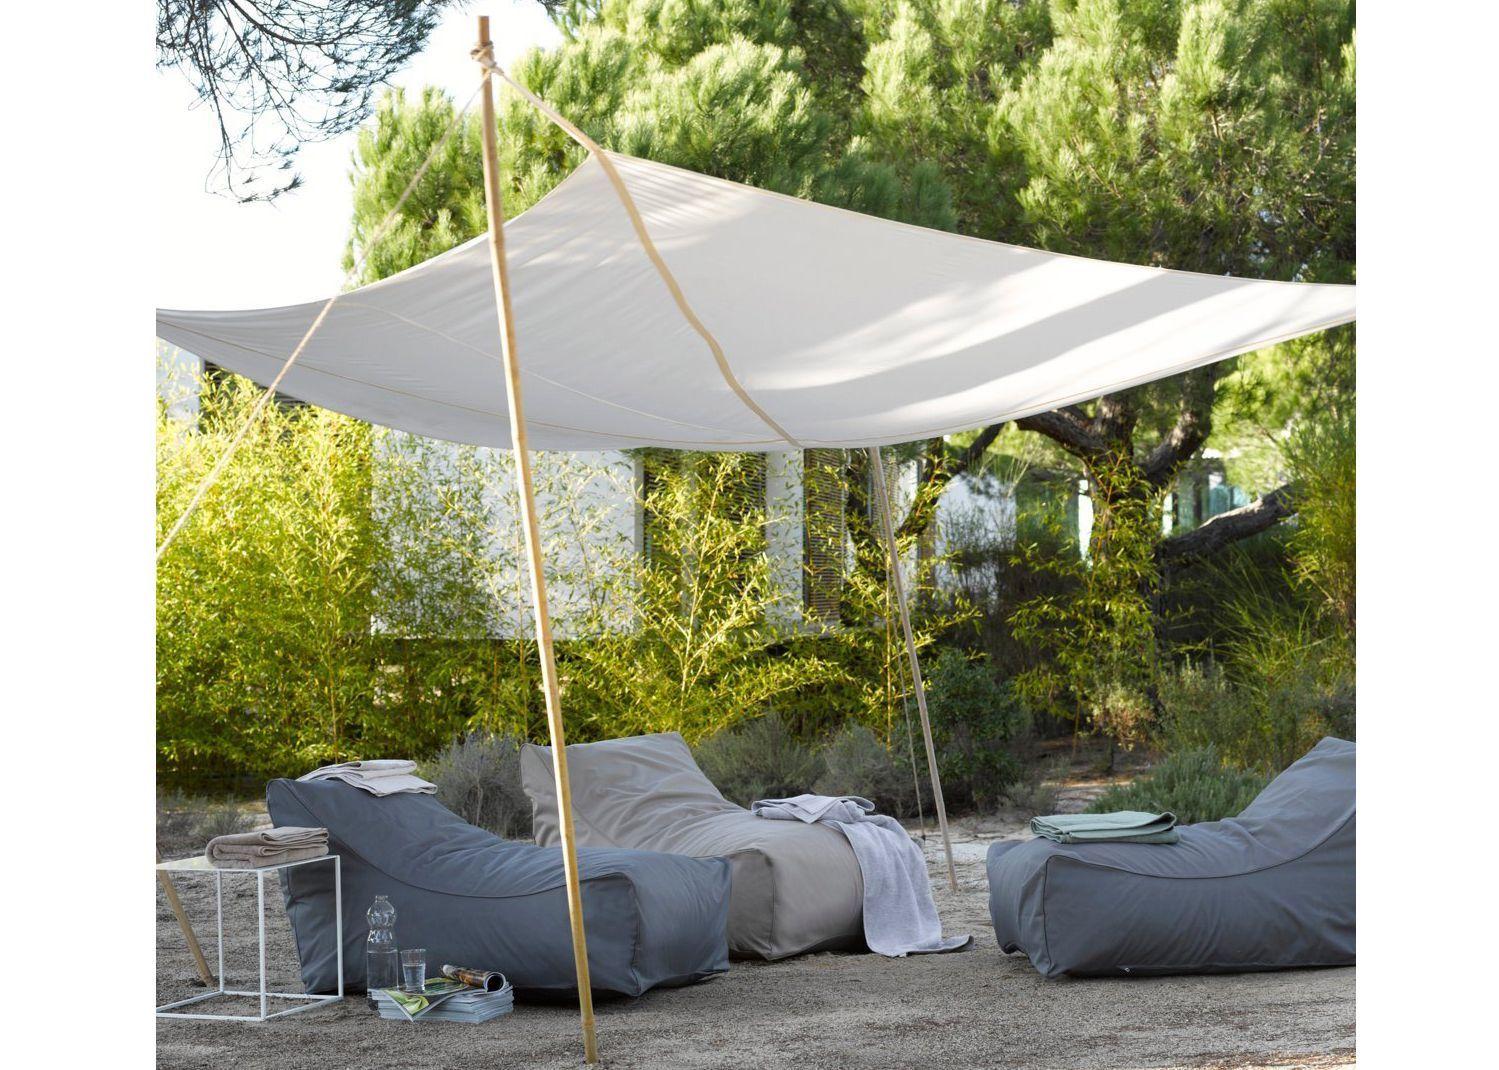 Quelle solution d'ombrage pour ma terrasse ? (image_5)